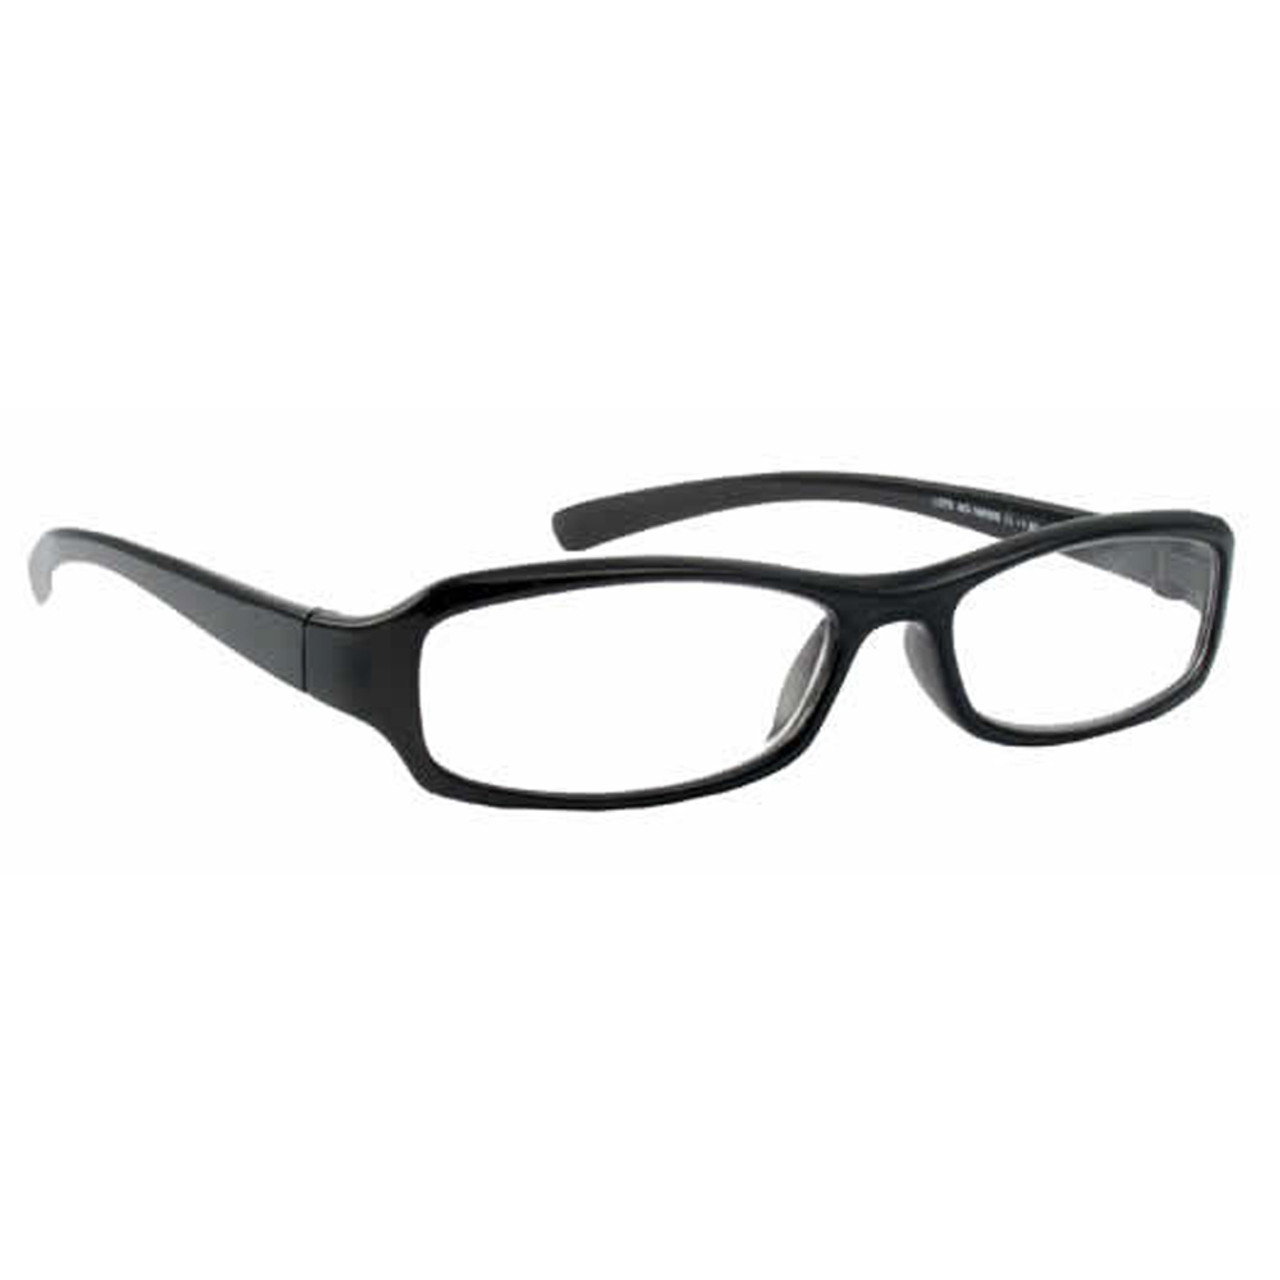 Classic Unisex Reading Glasses, Black, +6